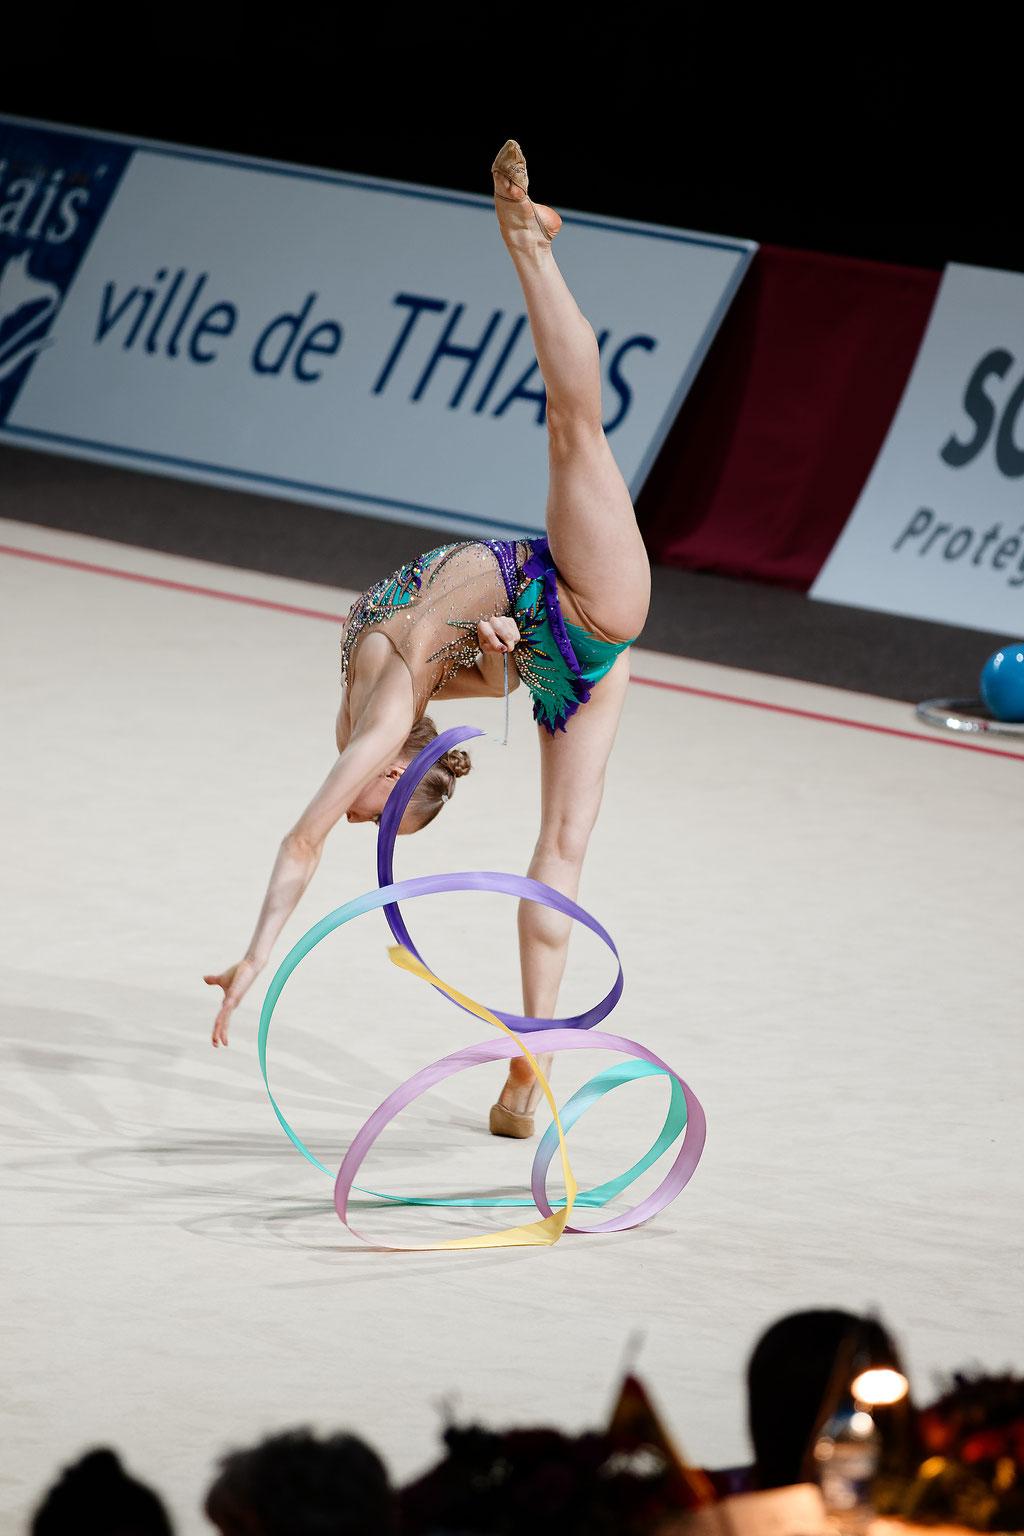 Gymnastique Rythmique. Grand Prix de Thiais 2018.